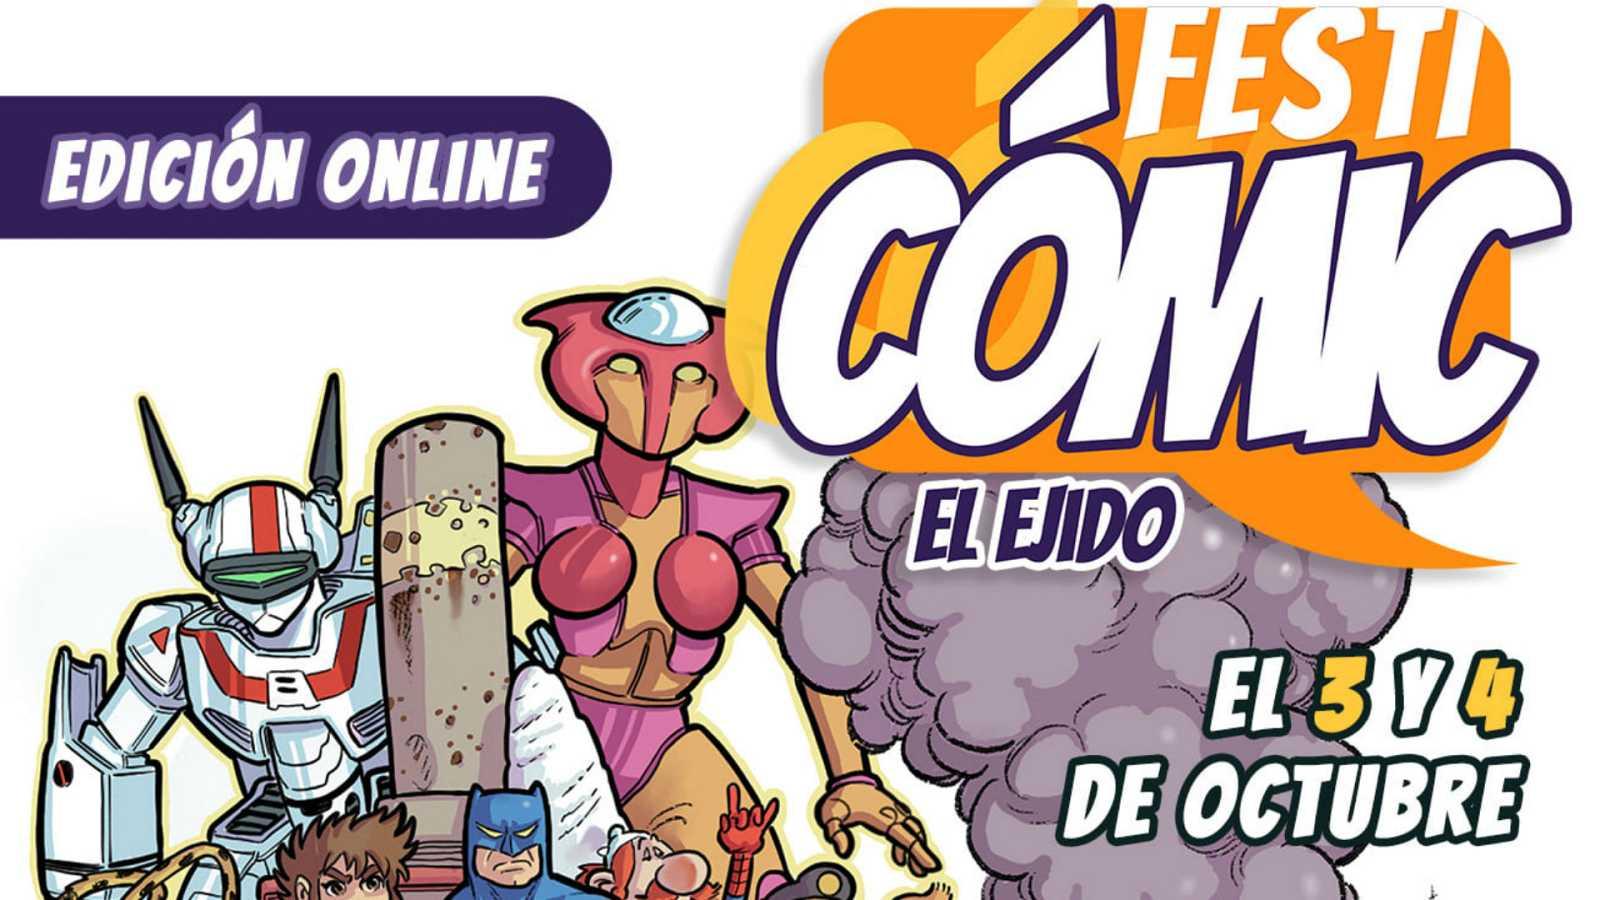 Viñetas y bocadillos - FestiCómic on line - 02/10/20 - Escuchar ahora